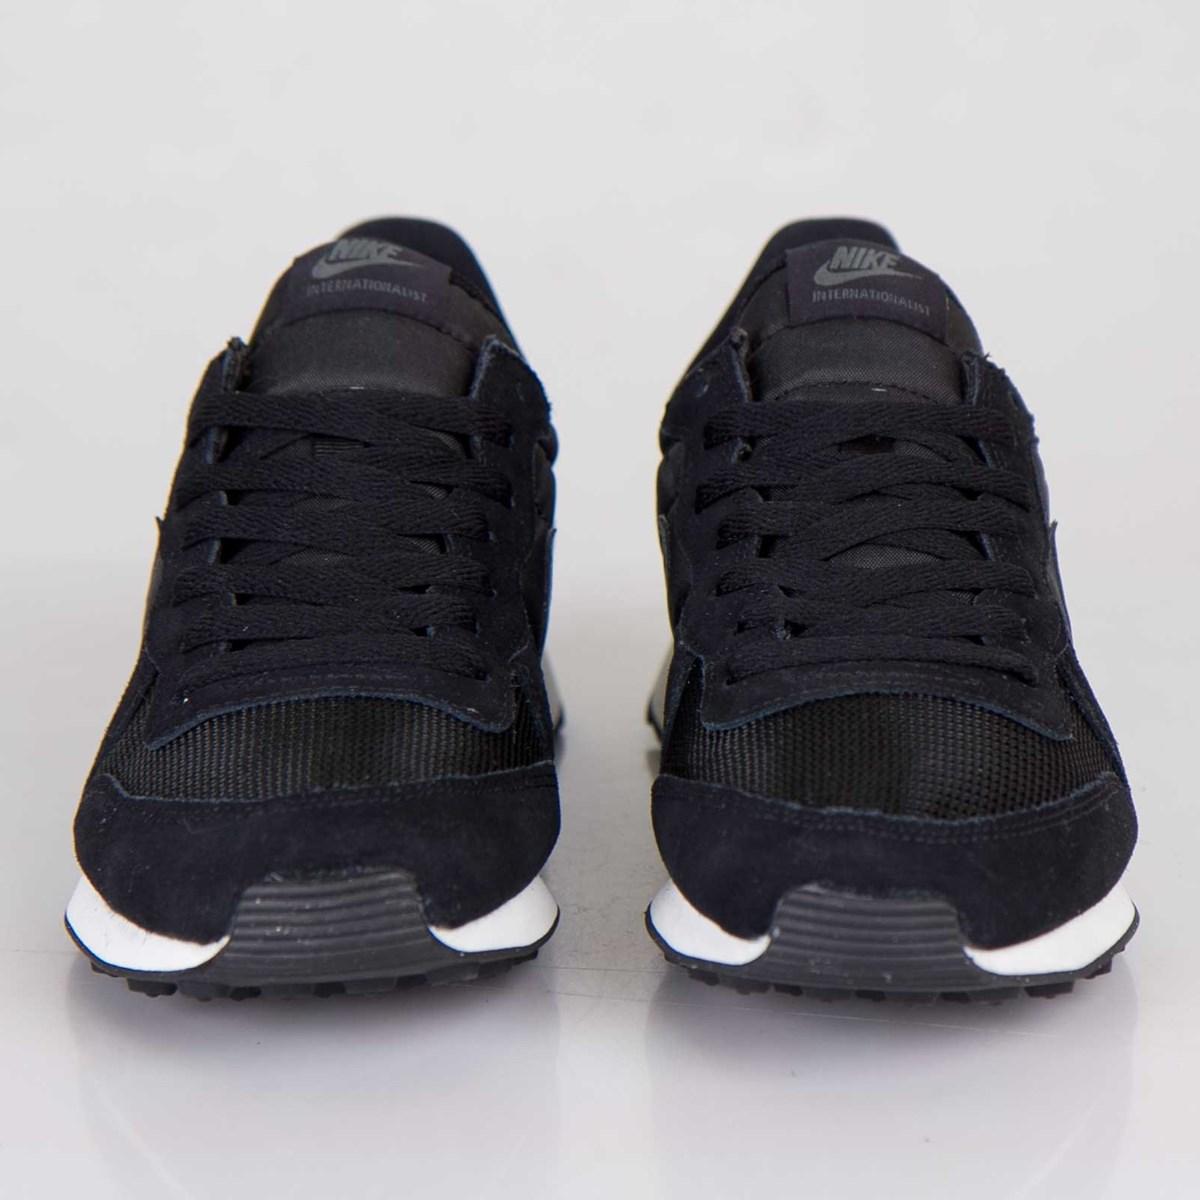 best service 36076 22fd8 Nike Internationalist - 631754-030 - Sneakersnstuff   sneakers   streetwear  online since 1999